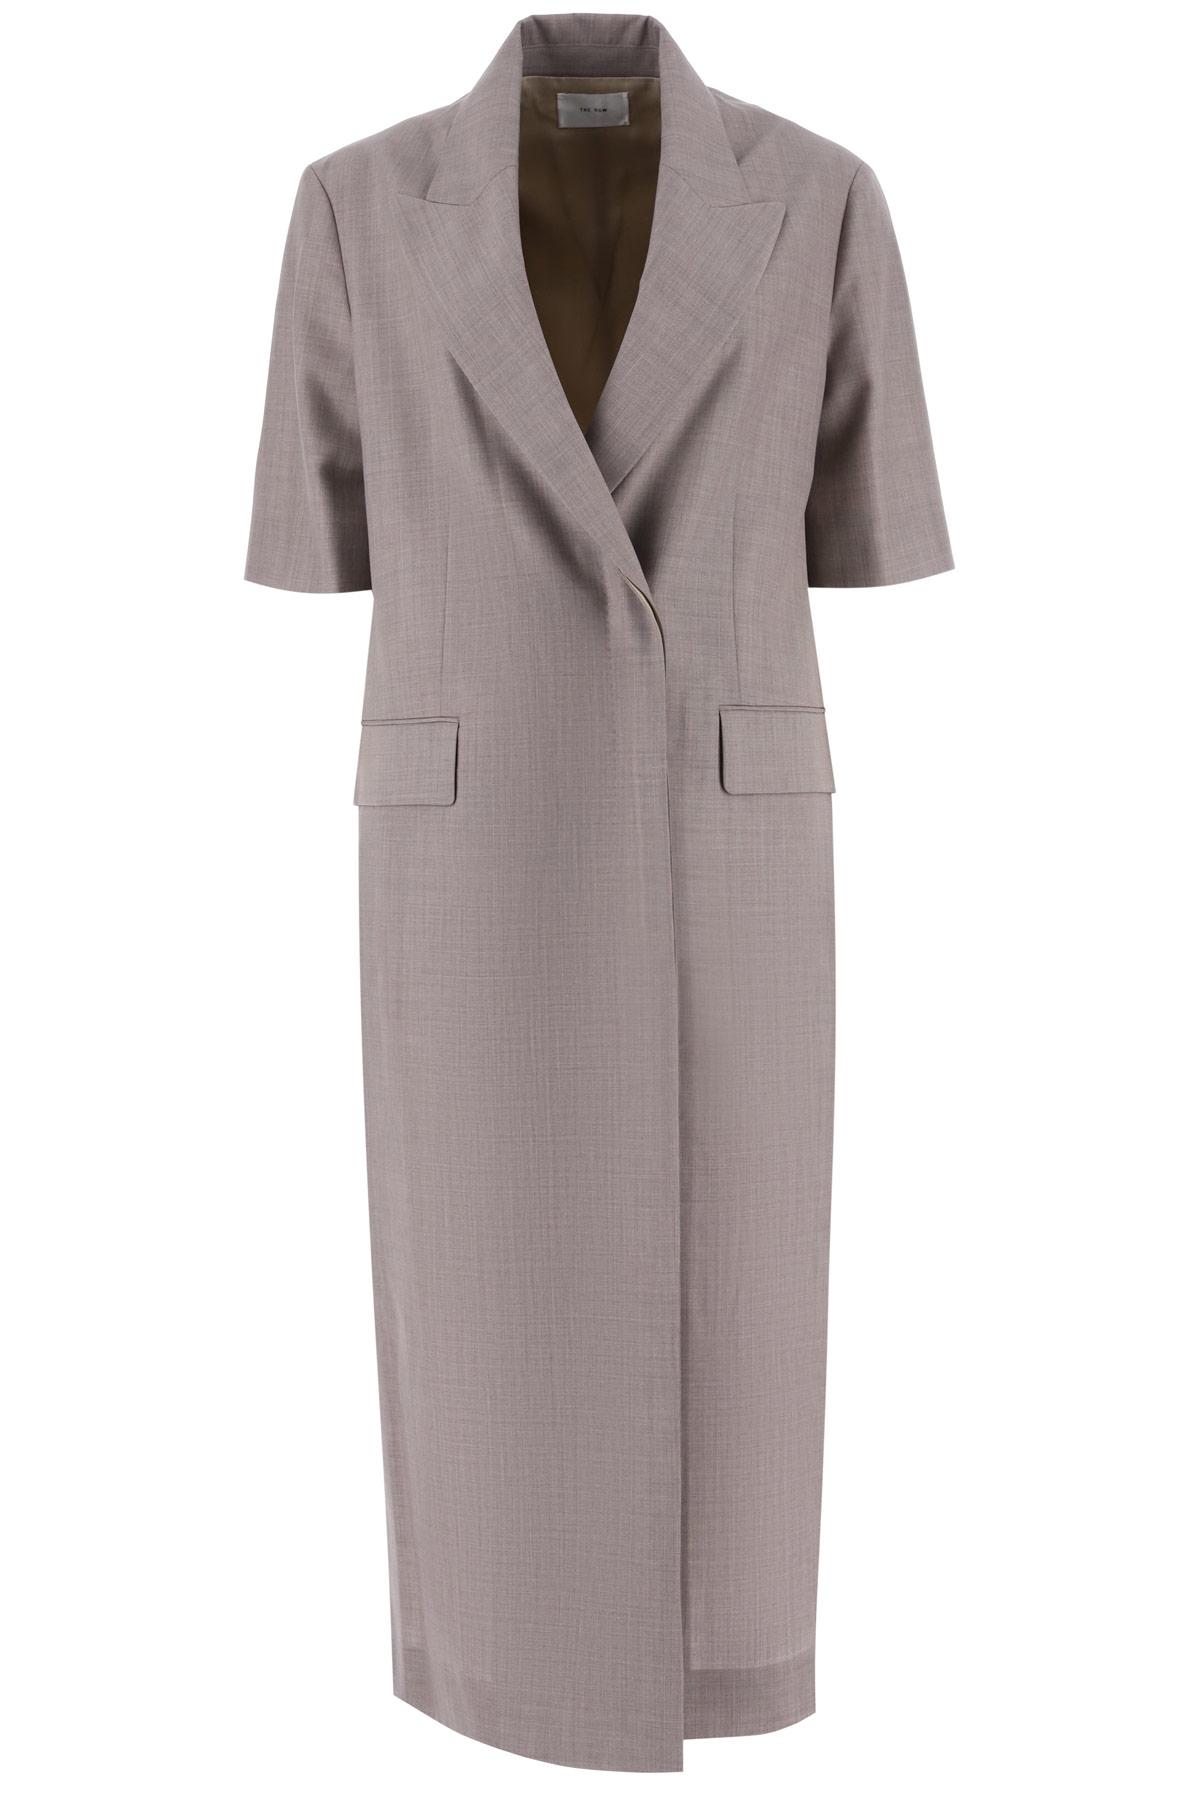 THE ROW HARRIET COAT 4 Beige, Brown Wool